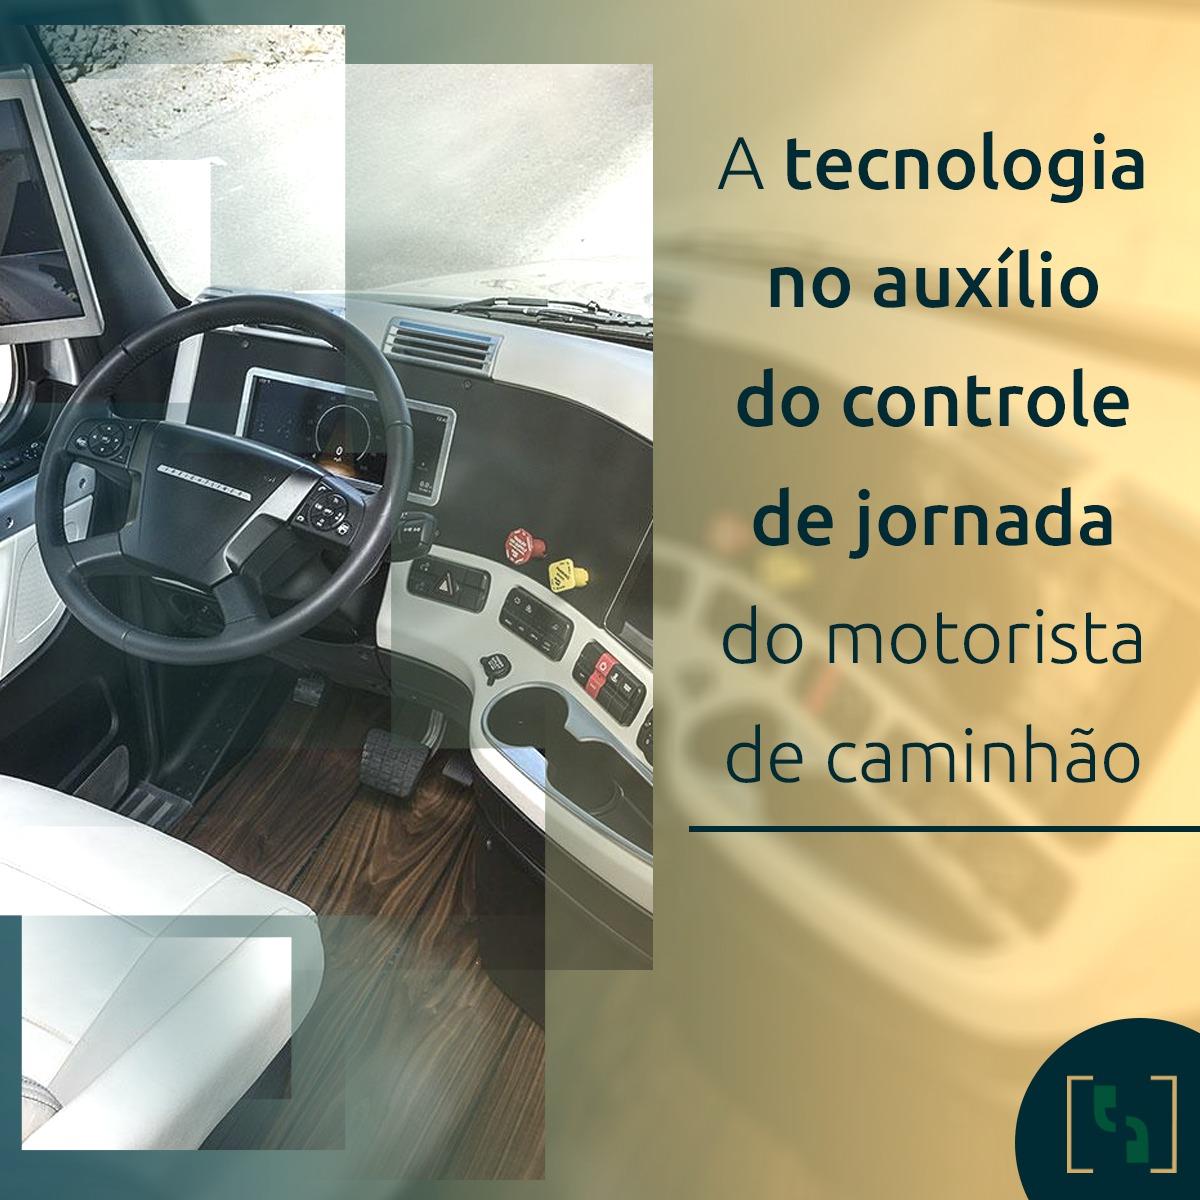 A TECNOLOGIA NO AUXÍLIO DO CONTROLE DE JORNADA DO MOTORISTA DE CAMINHÃO